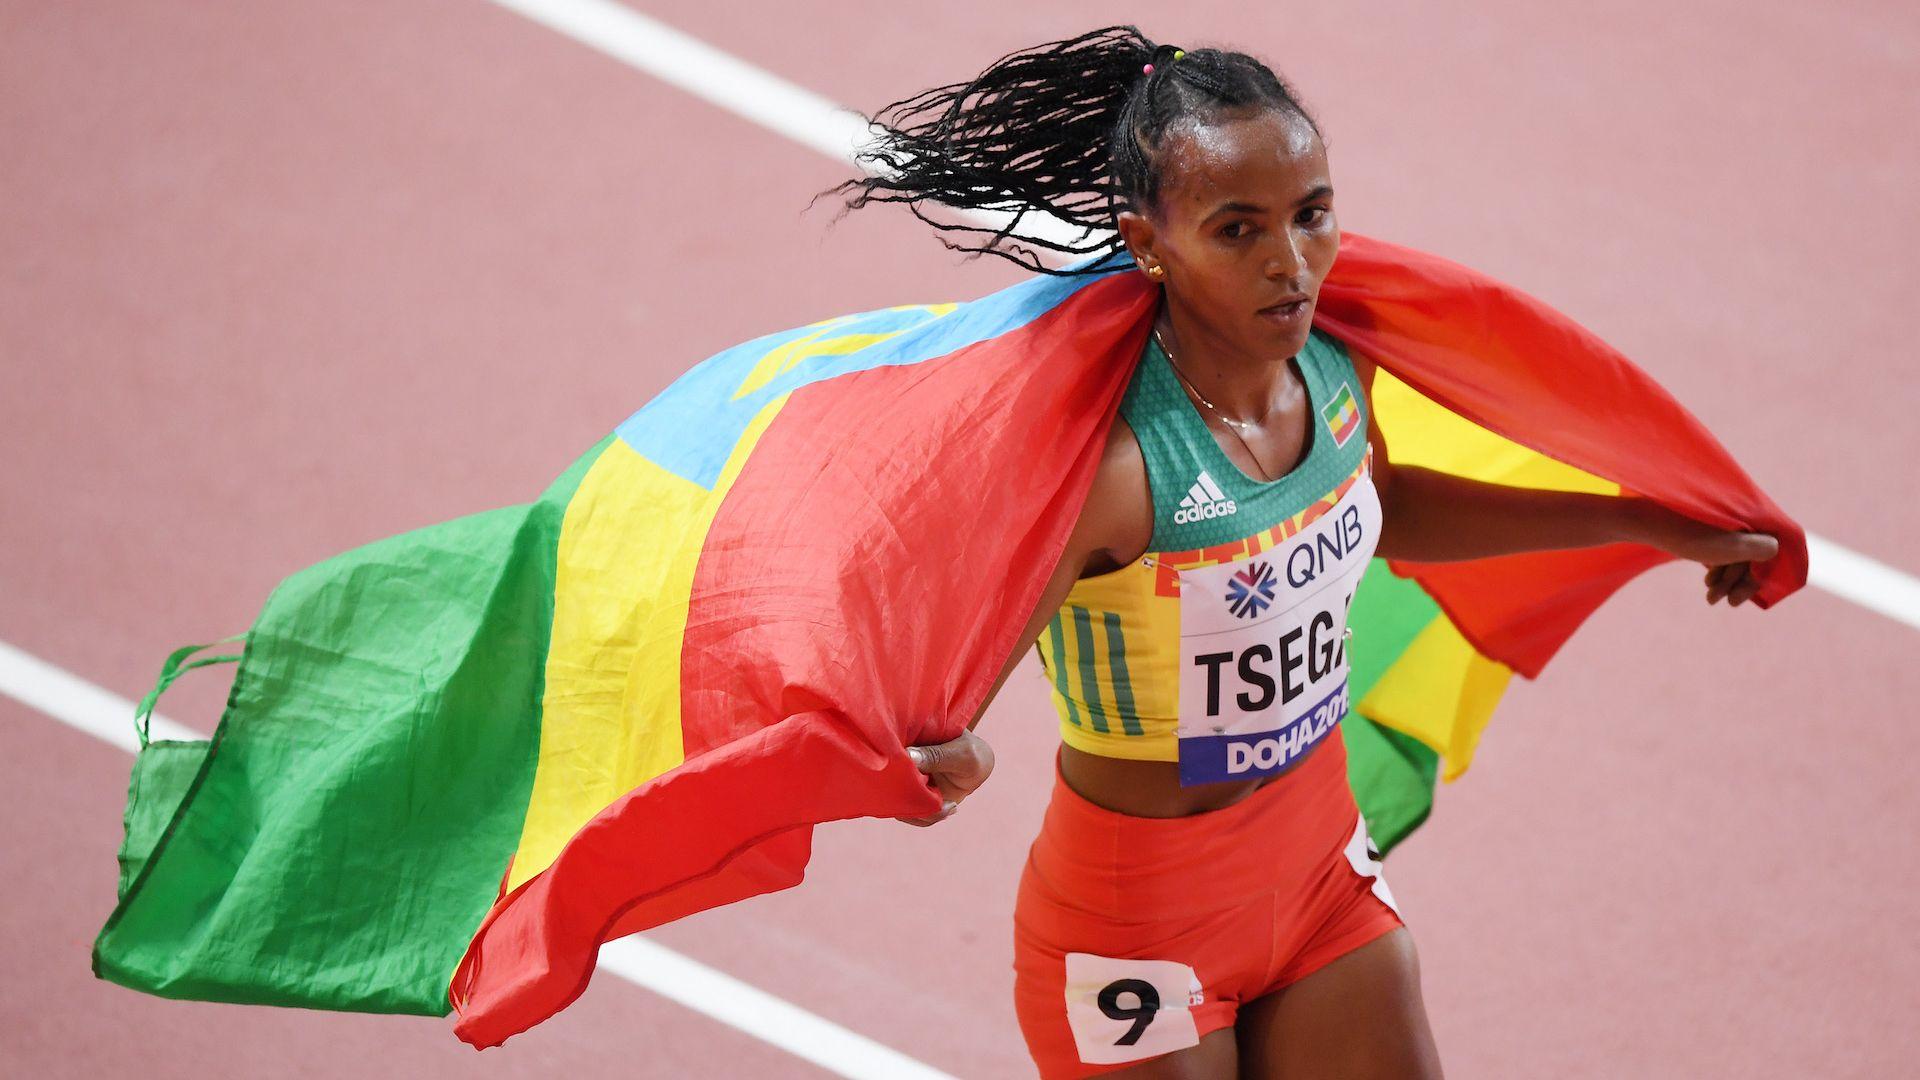 Етиопка постави нов световен рекорд на 1500 метра